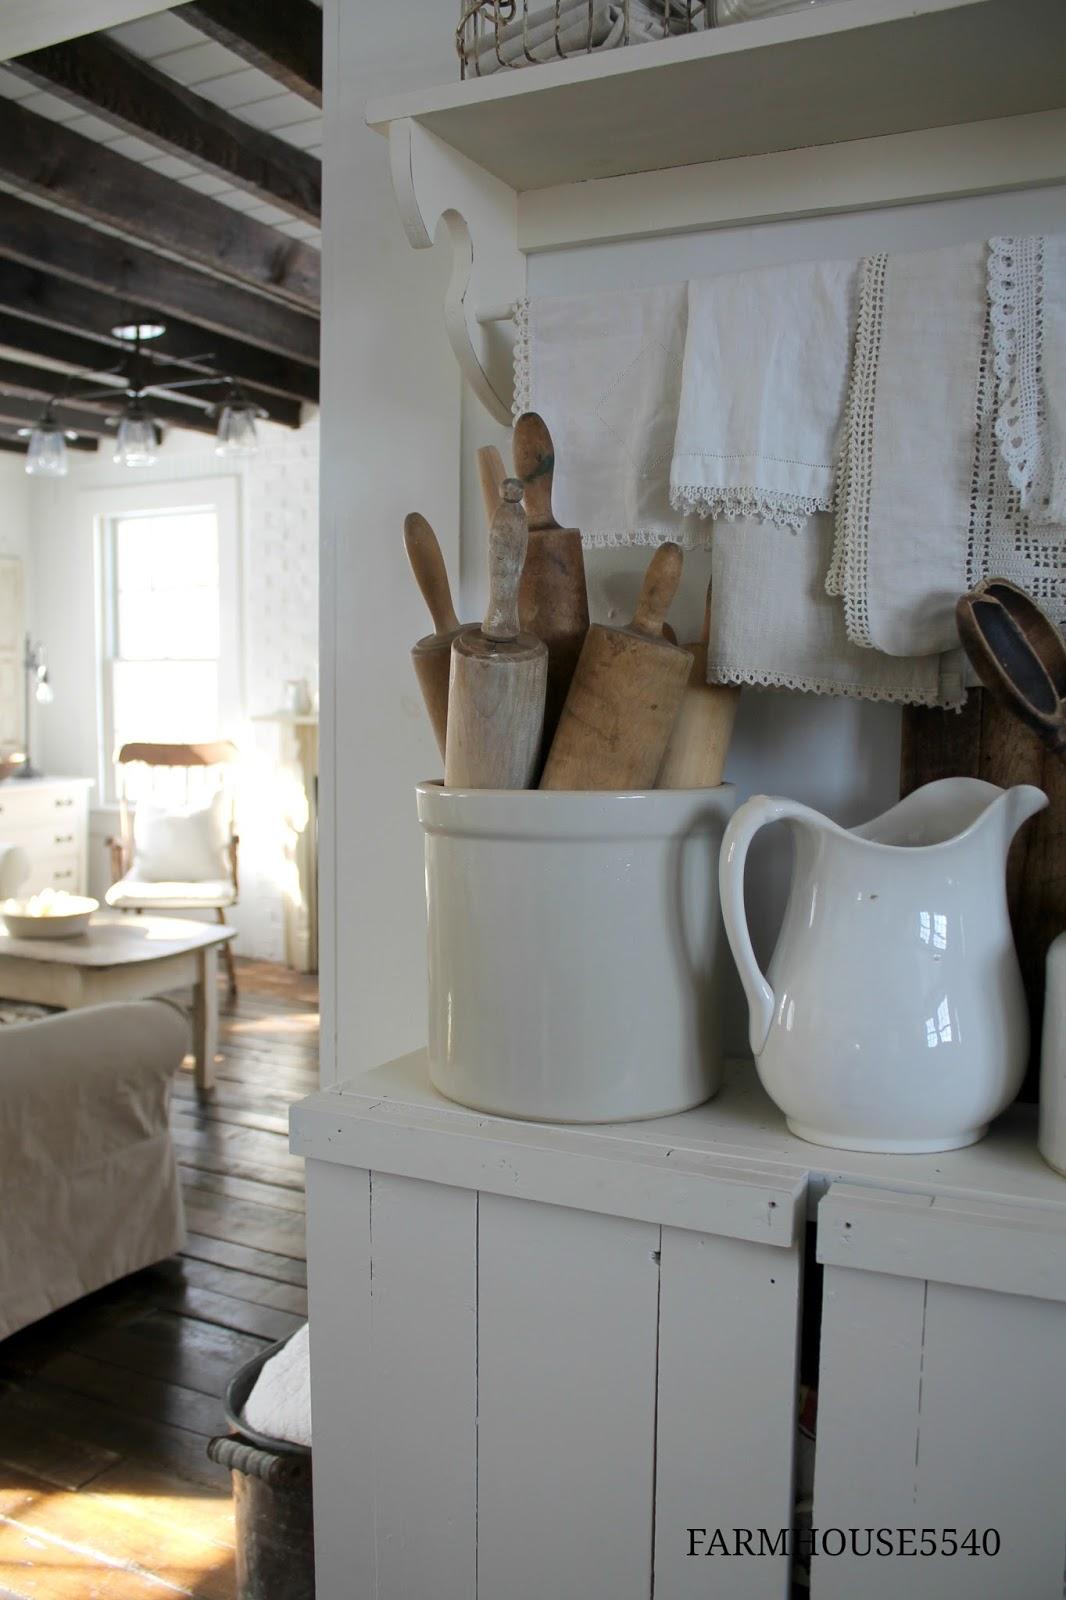 FARMHOUSE 5540 Weekly Inspiration Our Farmhouse Kitchen